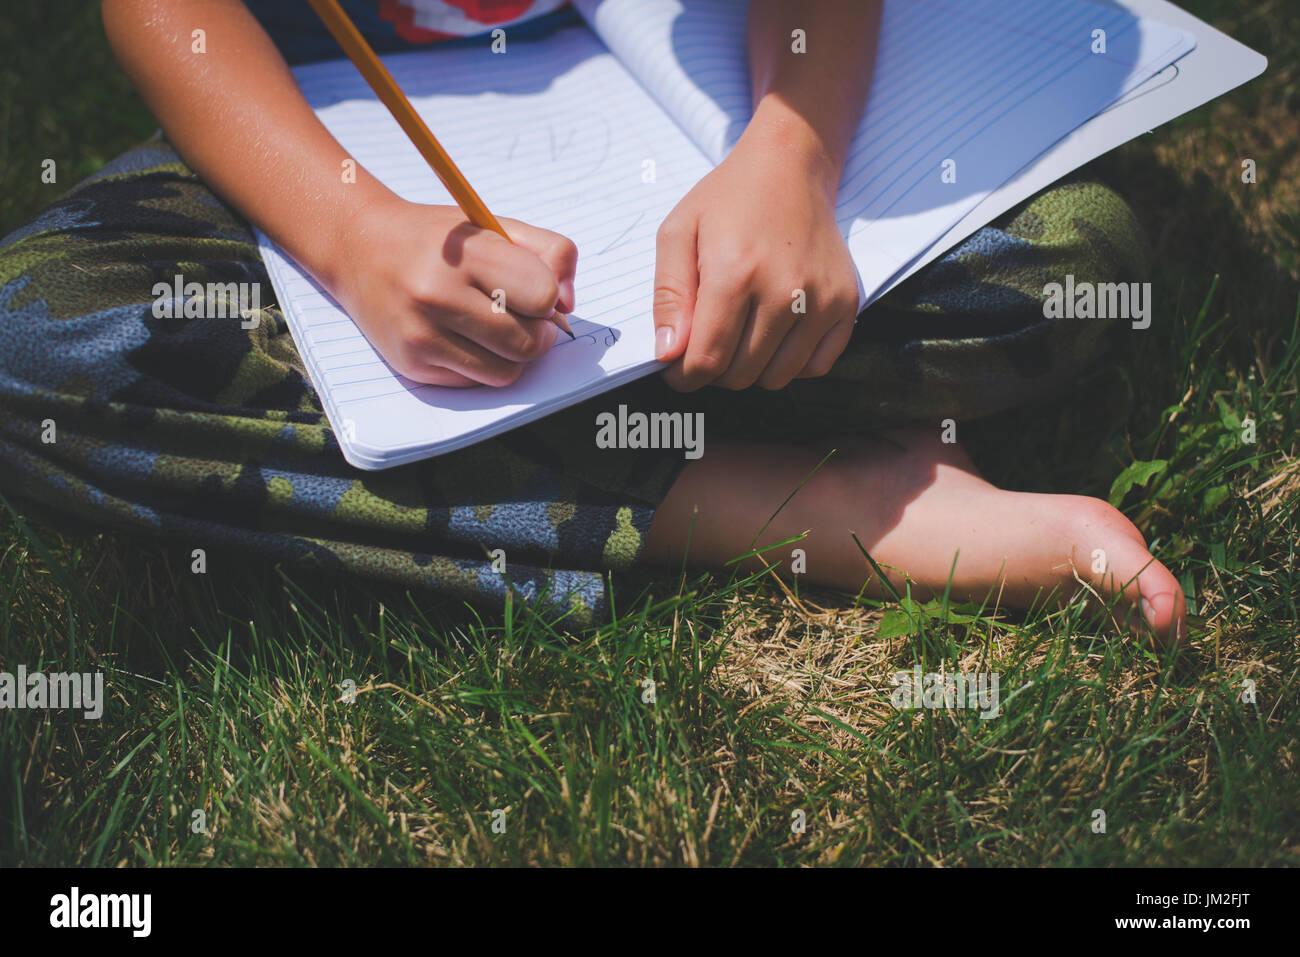 Una gioventù scrive in un notebook per l'istruzione scolastica apprendimento a scuola. Immagini Stock